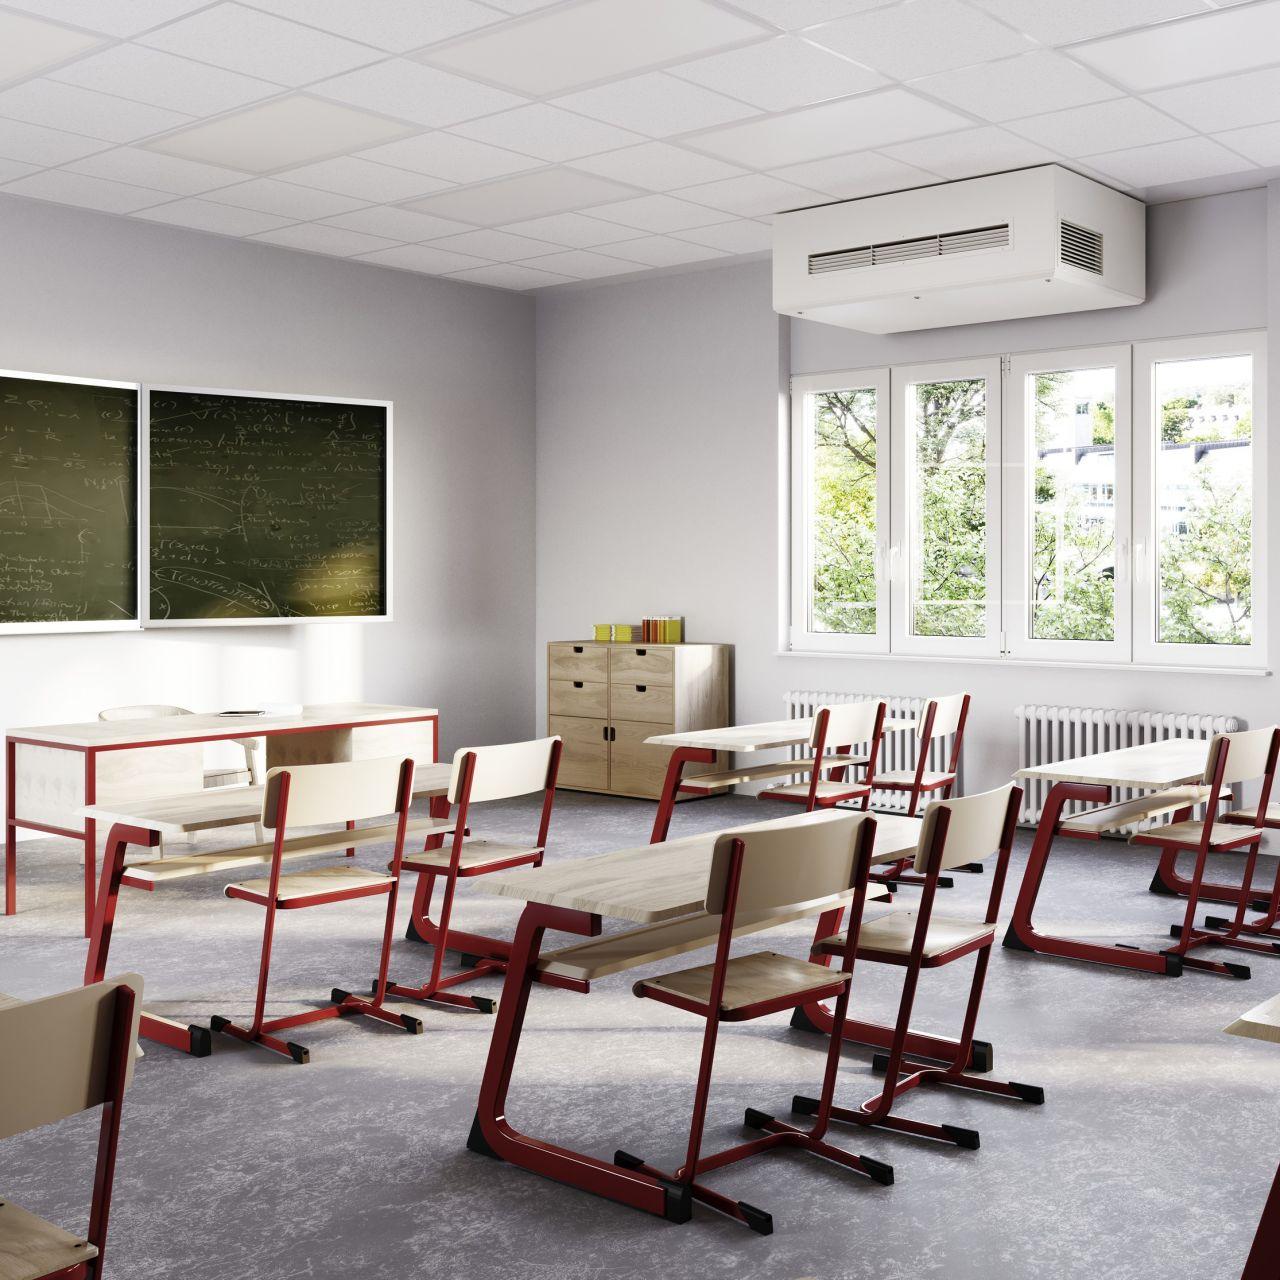 COVID-19: Warum ein Klassenraum ohne Lüftungsanlage nicht akzeptabel ist